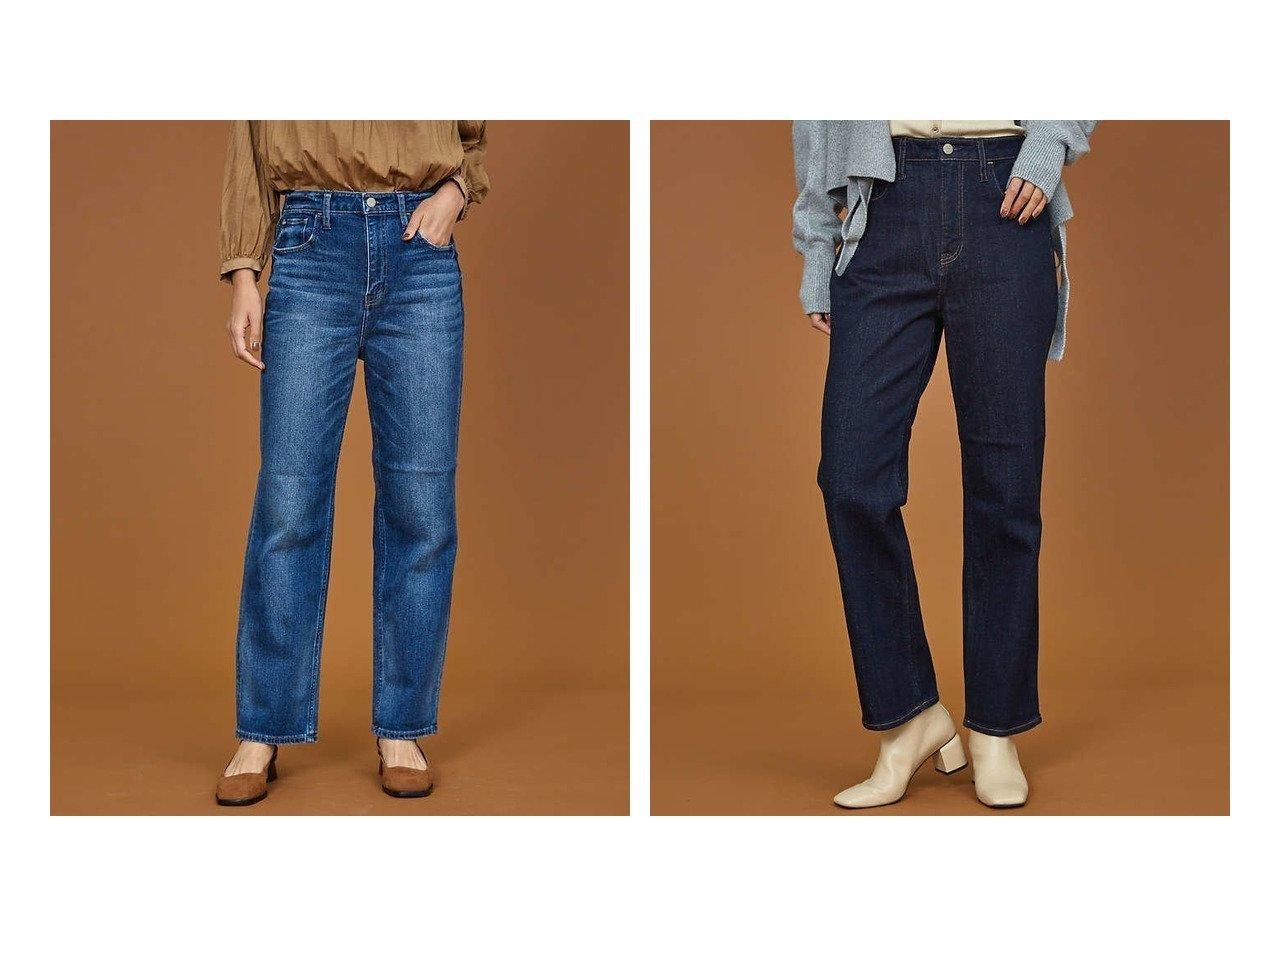 【qualite/カリテ】の【HealthyDENIM】chilipepper フレアデニム パンツのおすすめ!人気、トレンド・レディースファッションの通販 おすすめで人気の流行・トレンド、ファッションの通販商品 メンズファッション・キッズファッション・インテリア・家具・レディースファッション・服の通販 founy(ファニー) https://founy.com/ ファッション Fashion レディースファッション WOMEN パンツ Pants デニムパンツ Denim Pants S/S 春夏 SS Spring/Summer おすすめ Recommend ウォッシュ シャーリング デニム フォルム フレア 人気 今季 雑誌 |ID:crp329100000023256